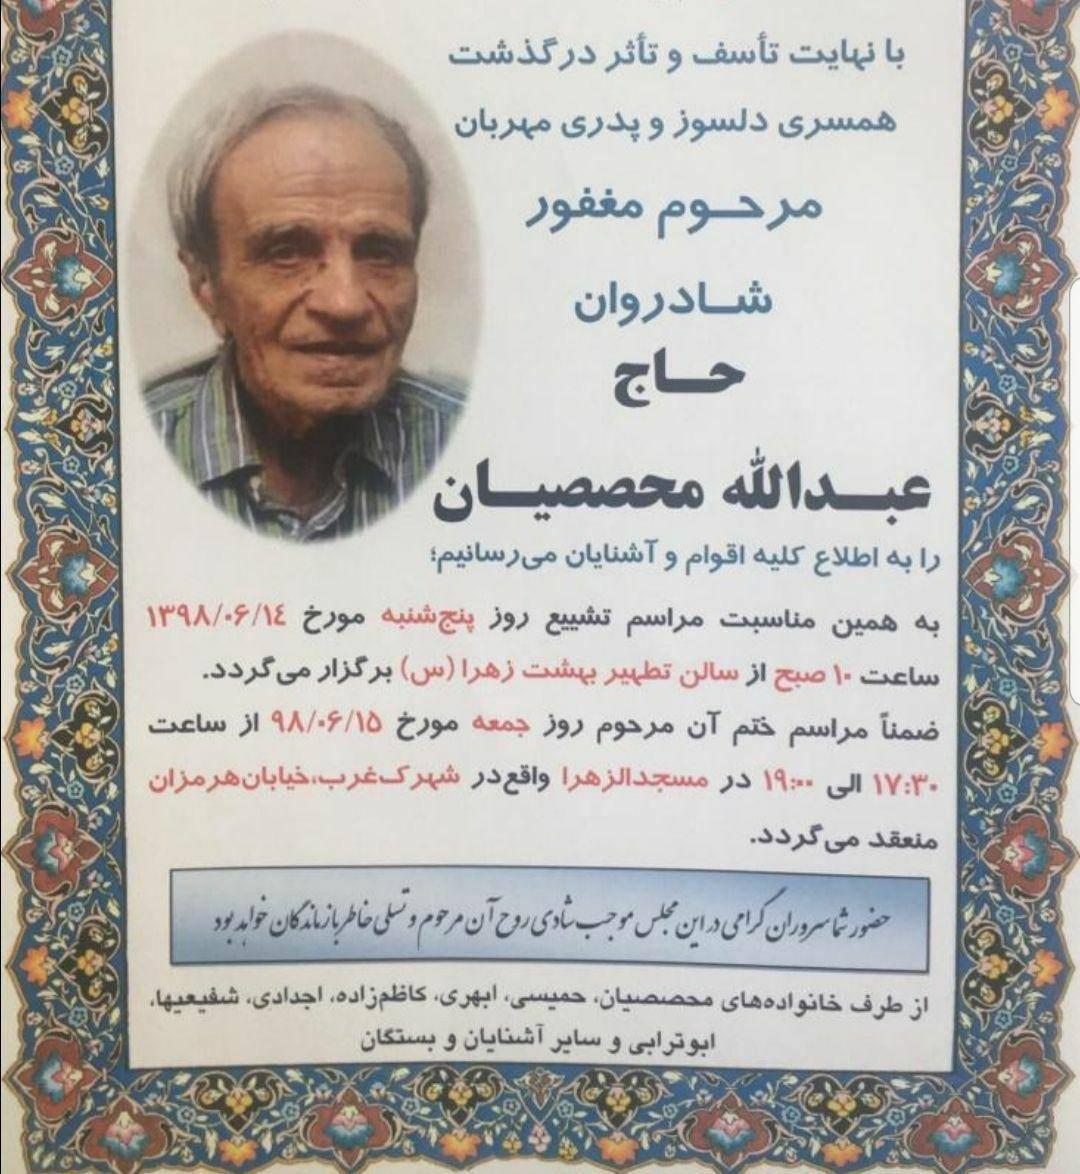 با محمدرضا محصصیان در سوگ درگذشت پدر هم دردی می کنیم